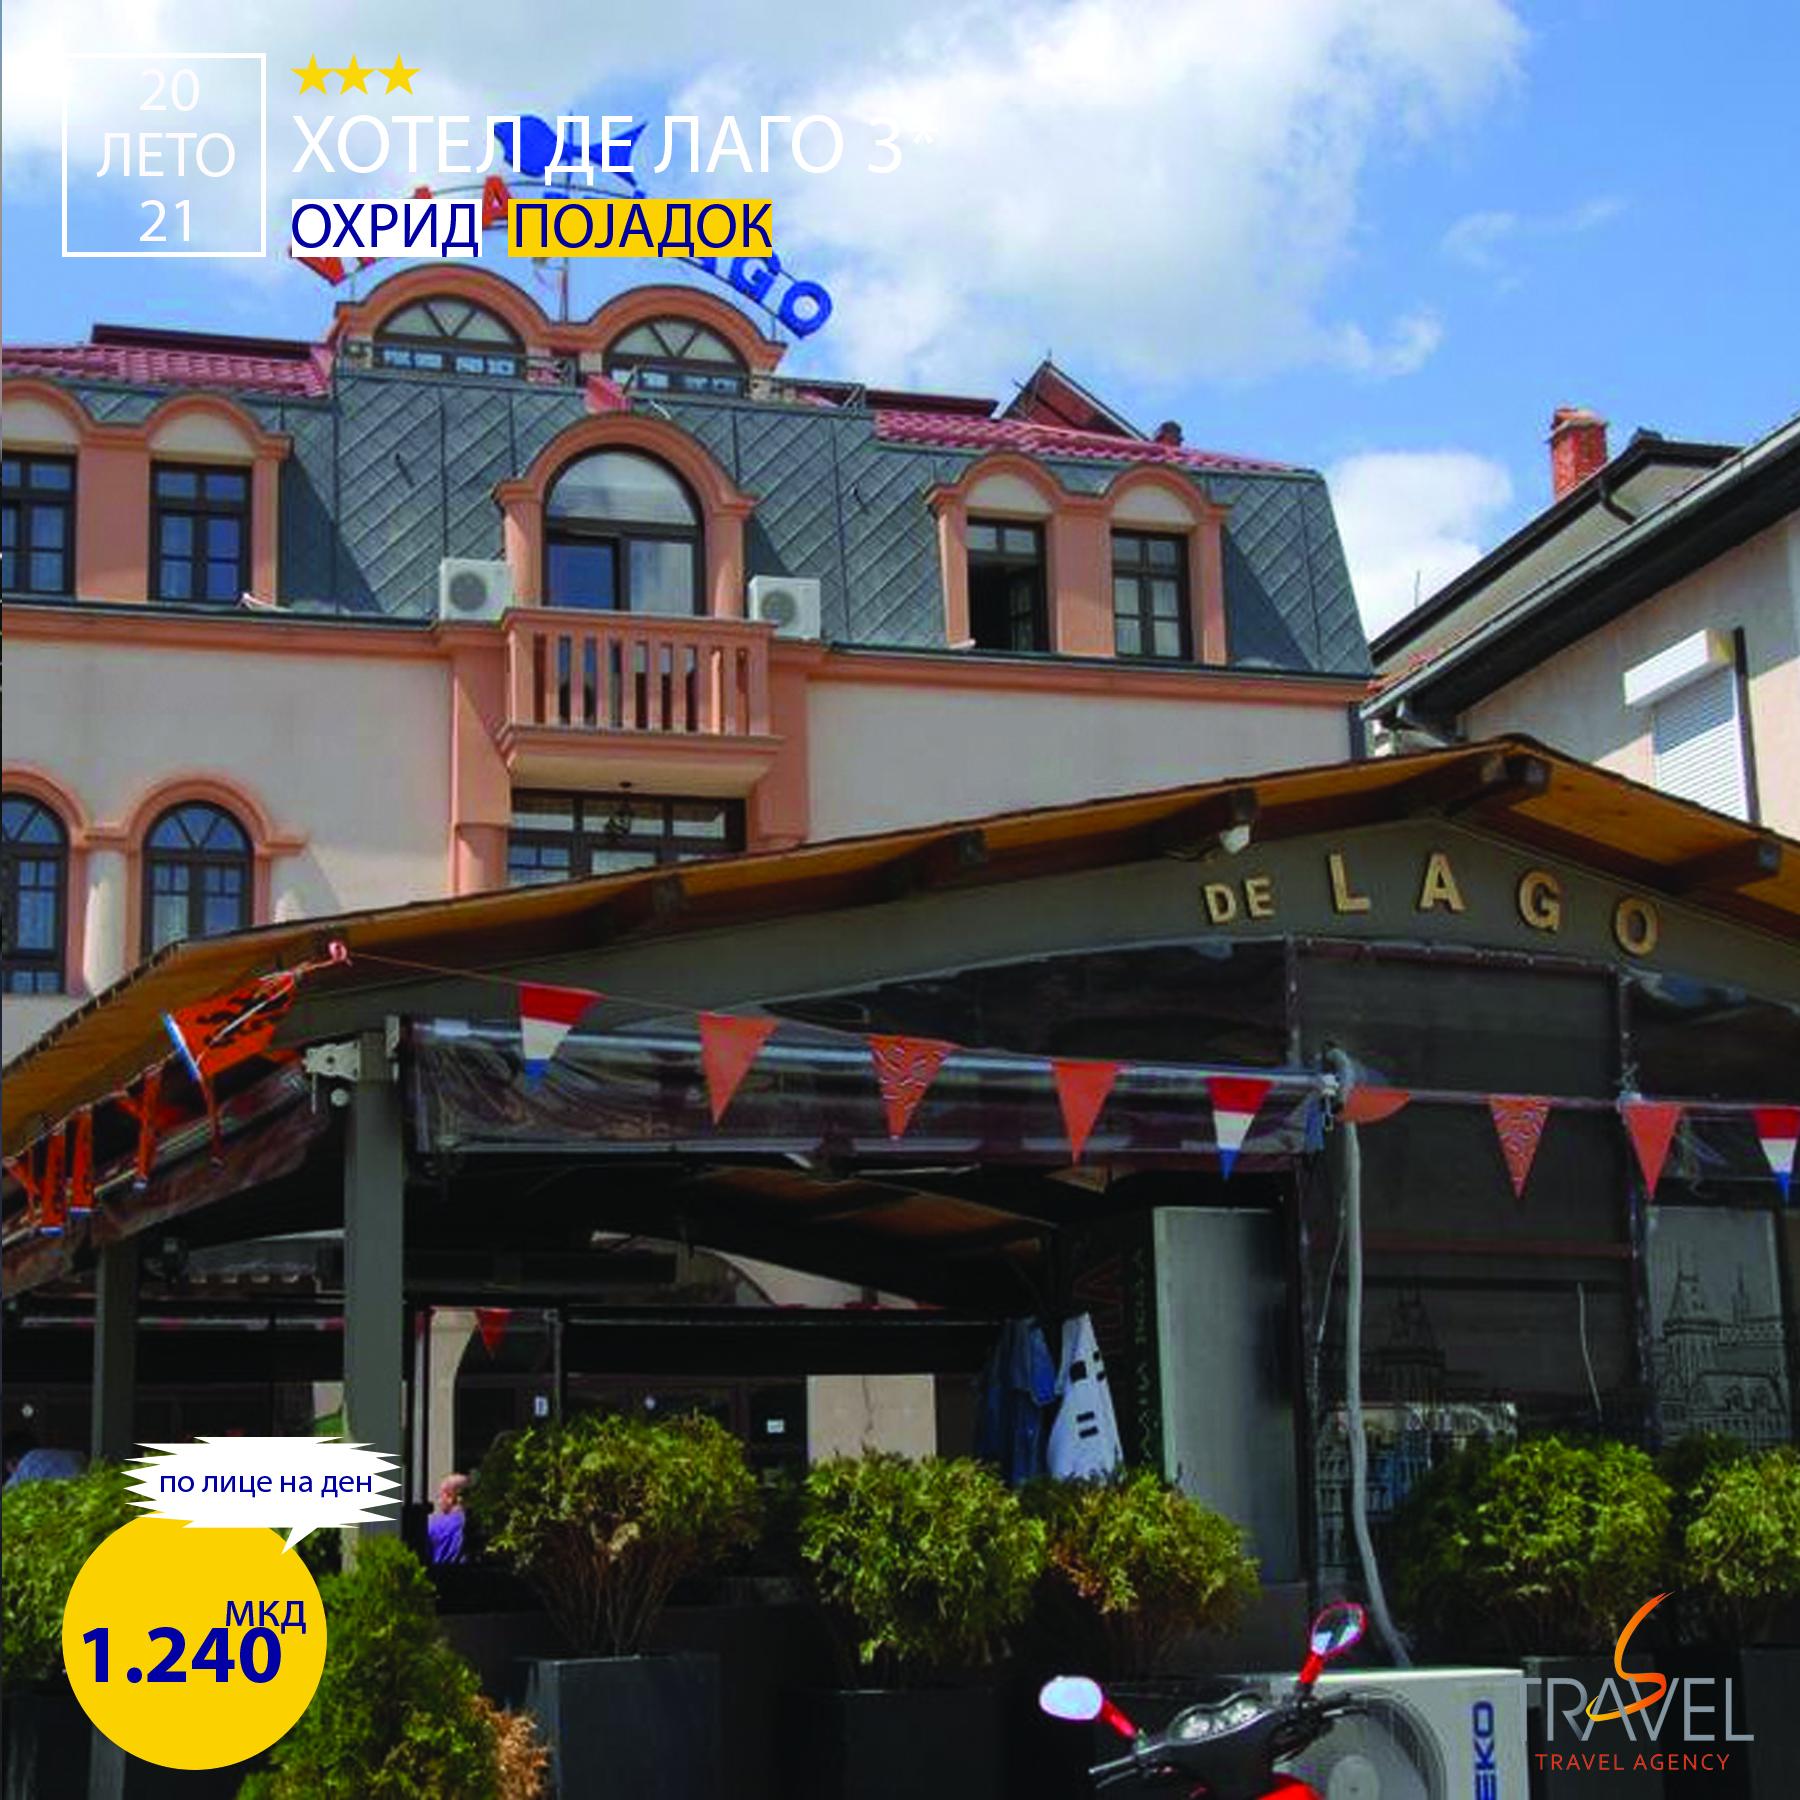 Хотел Де Лаго 3* – Охрид   ЛЕТО 2021